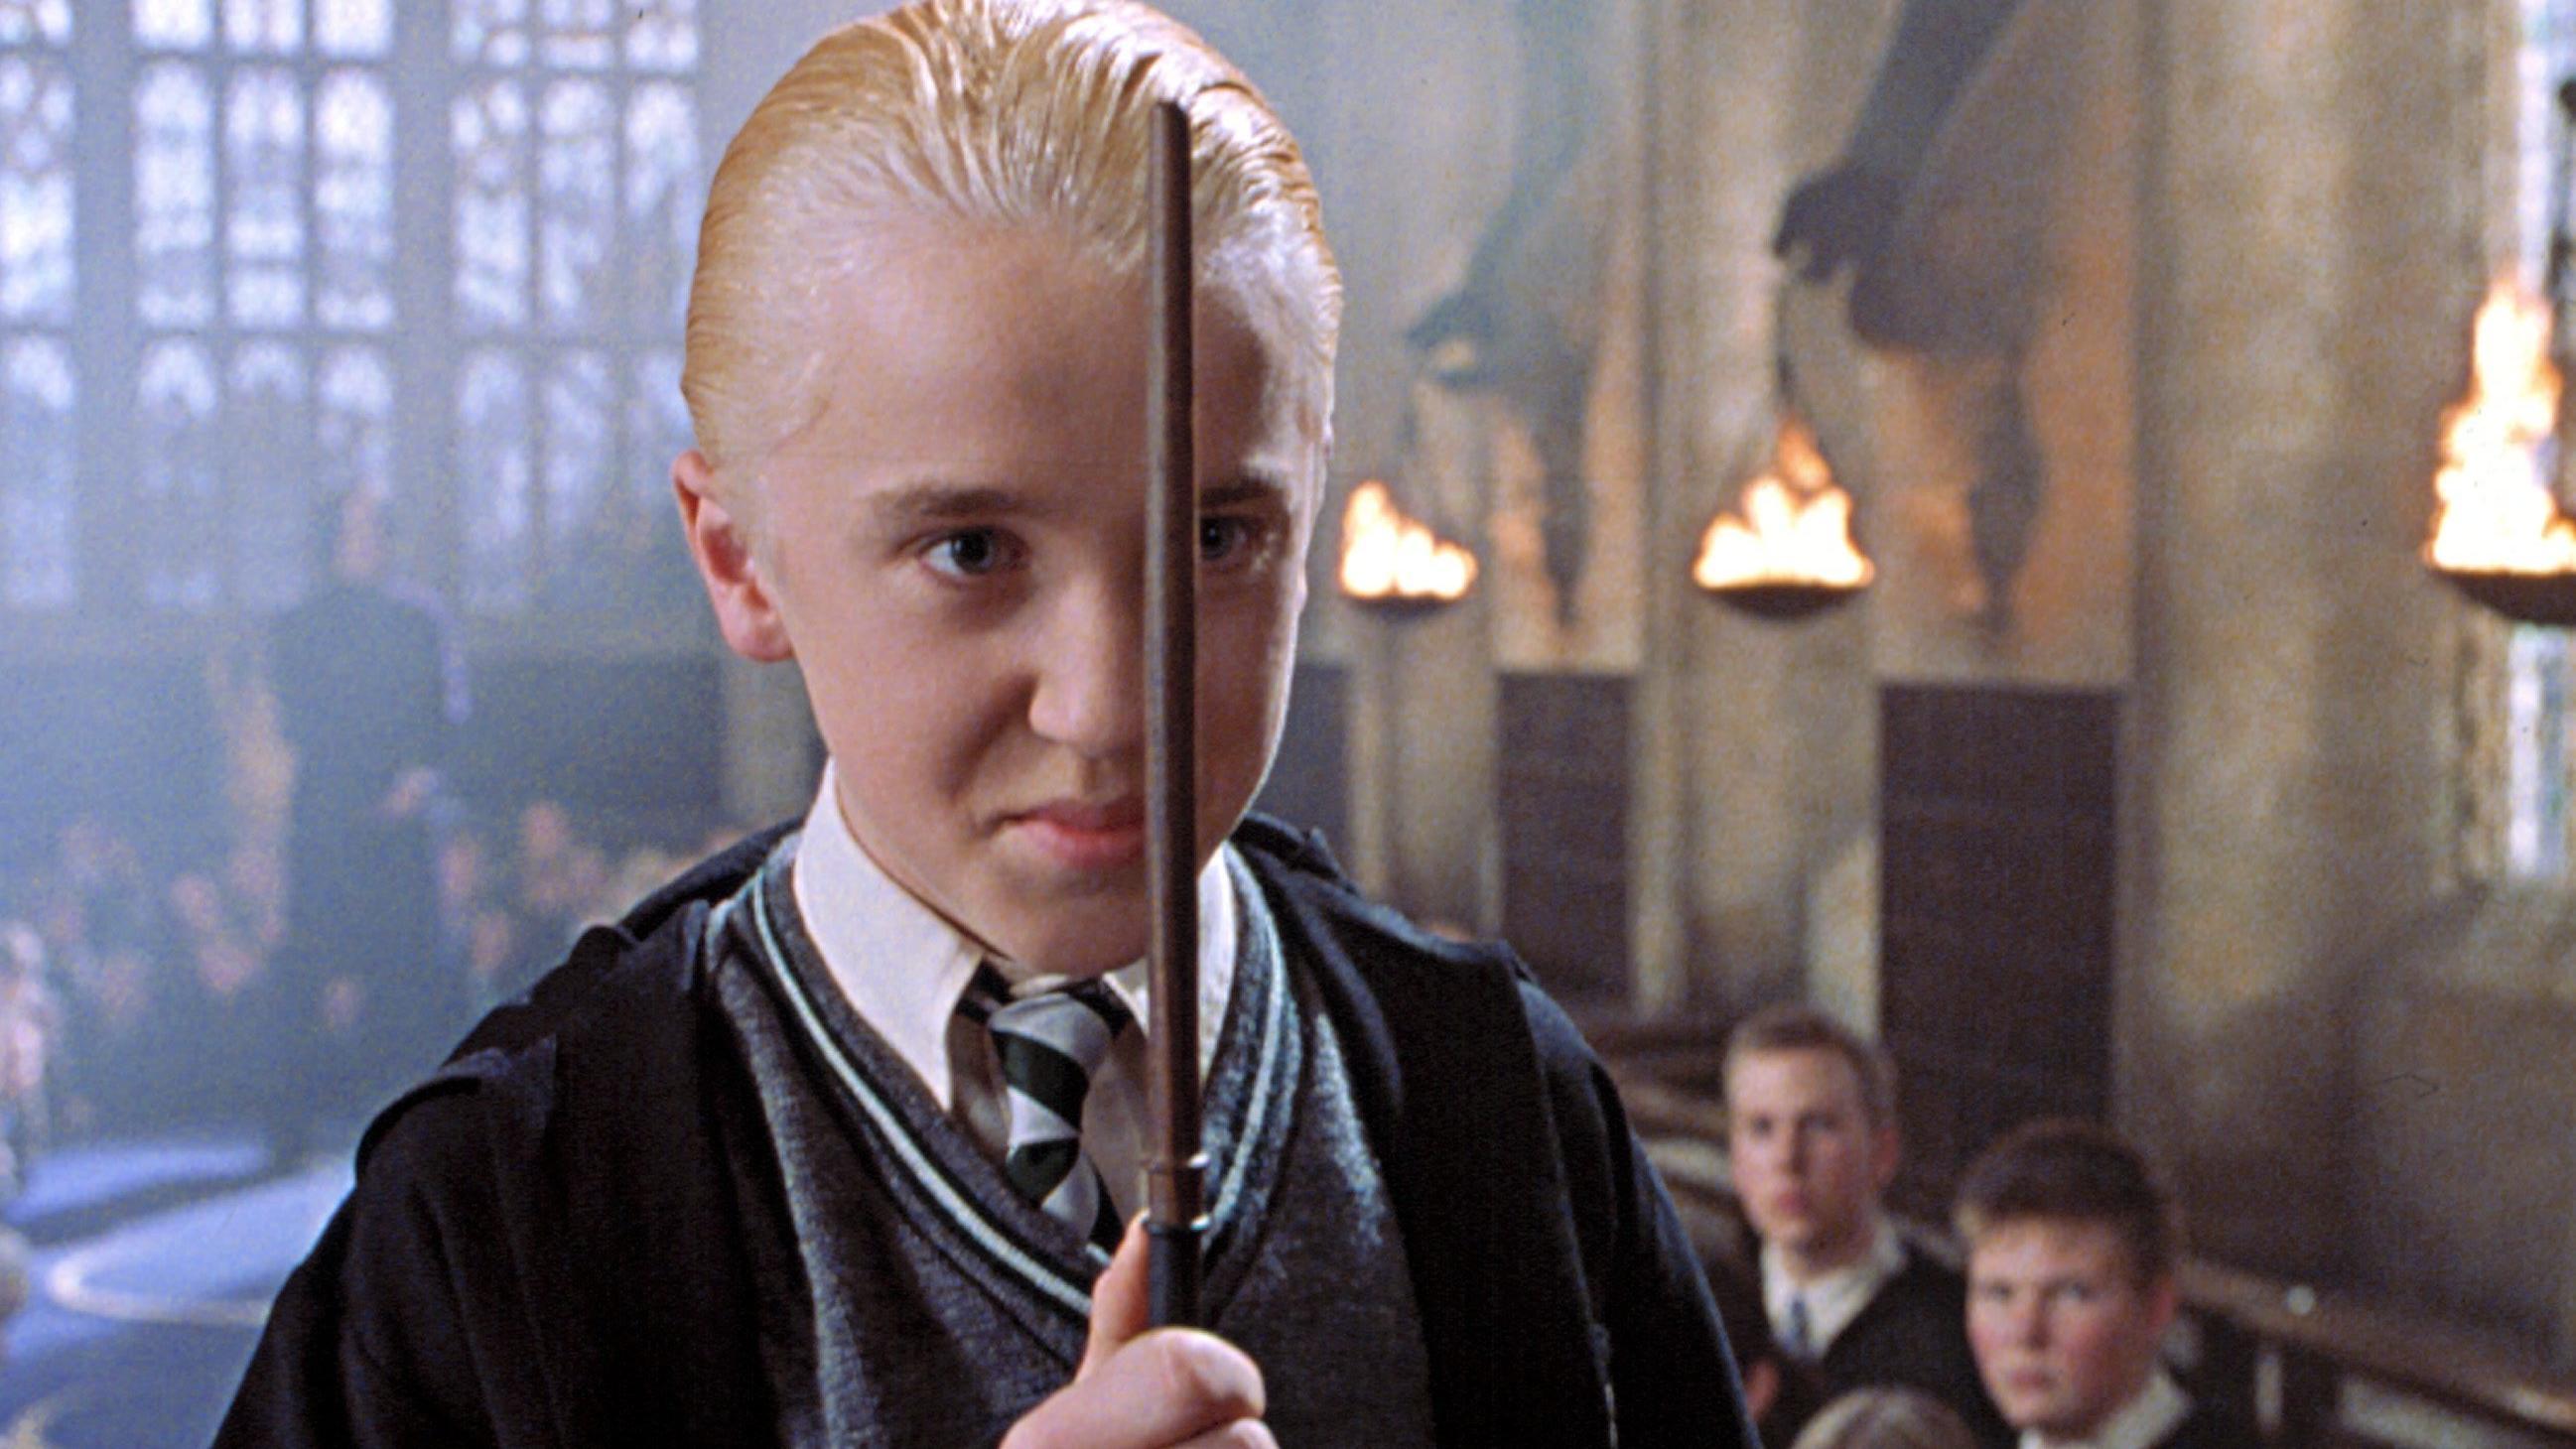 Ator Tom Felton em Harry Potter (Foto: Reprodução)